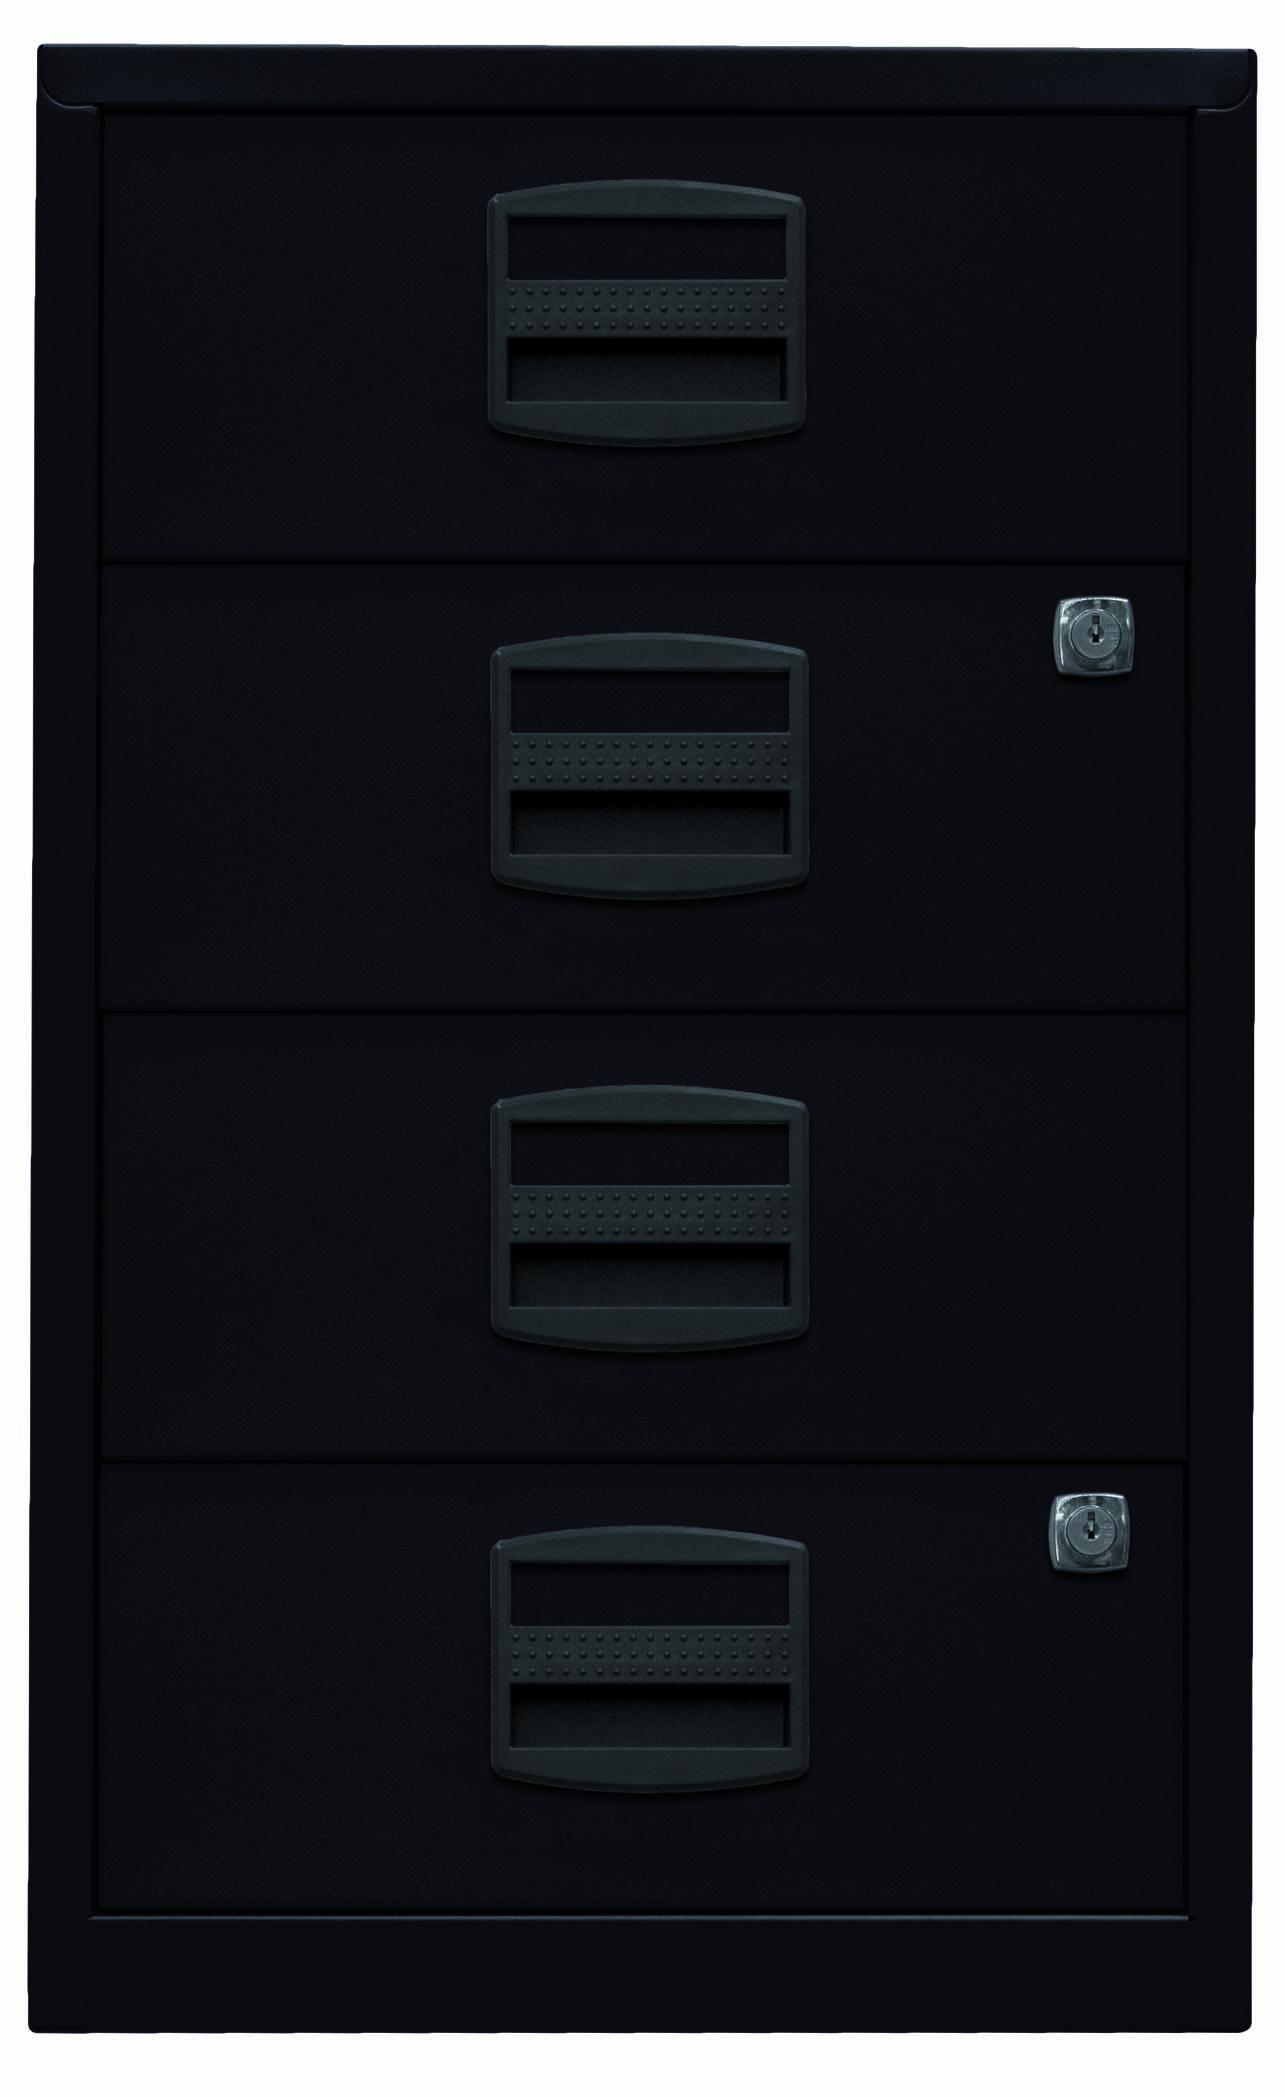 Beistellschrank PFA, 4 Universalschubladen, Farbe schwarz